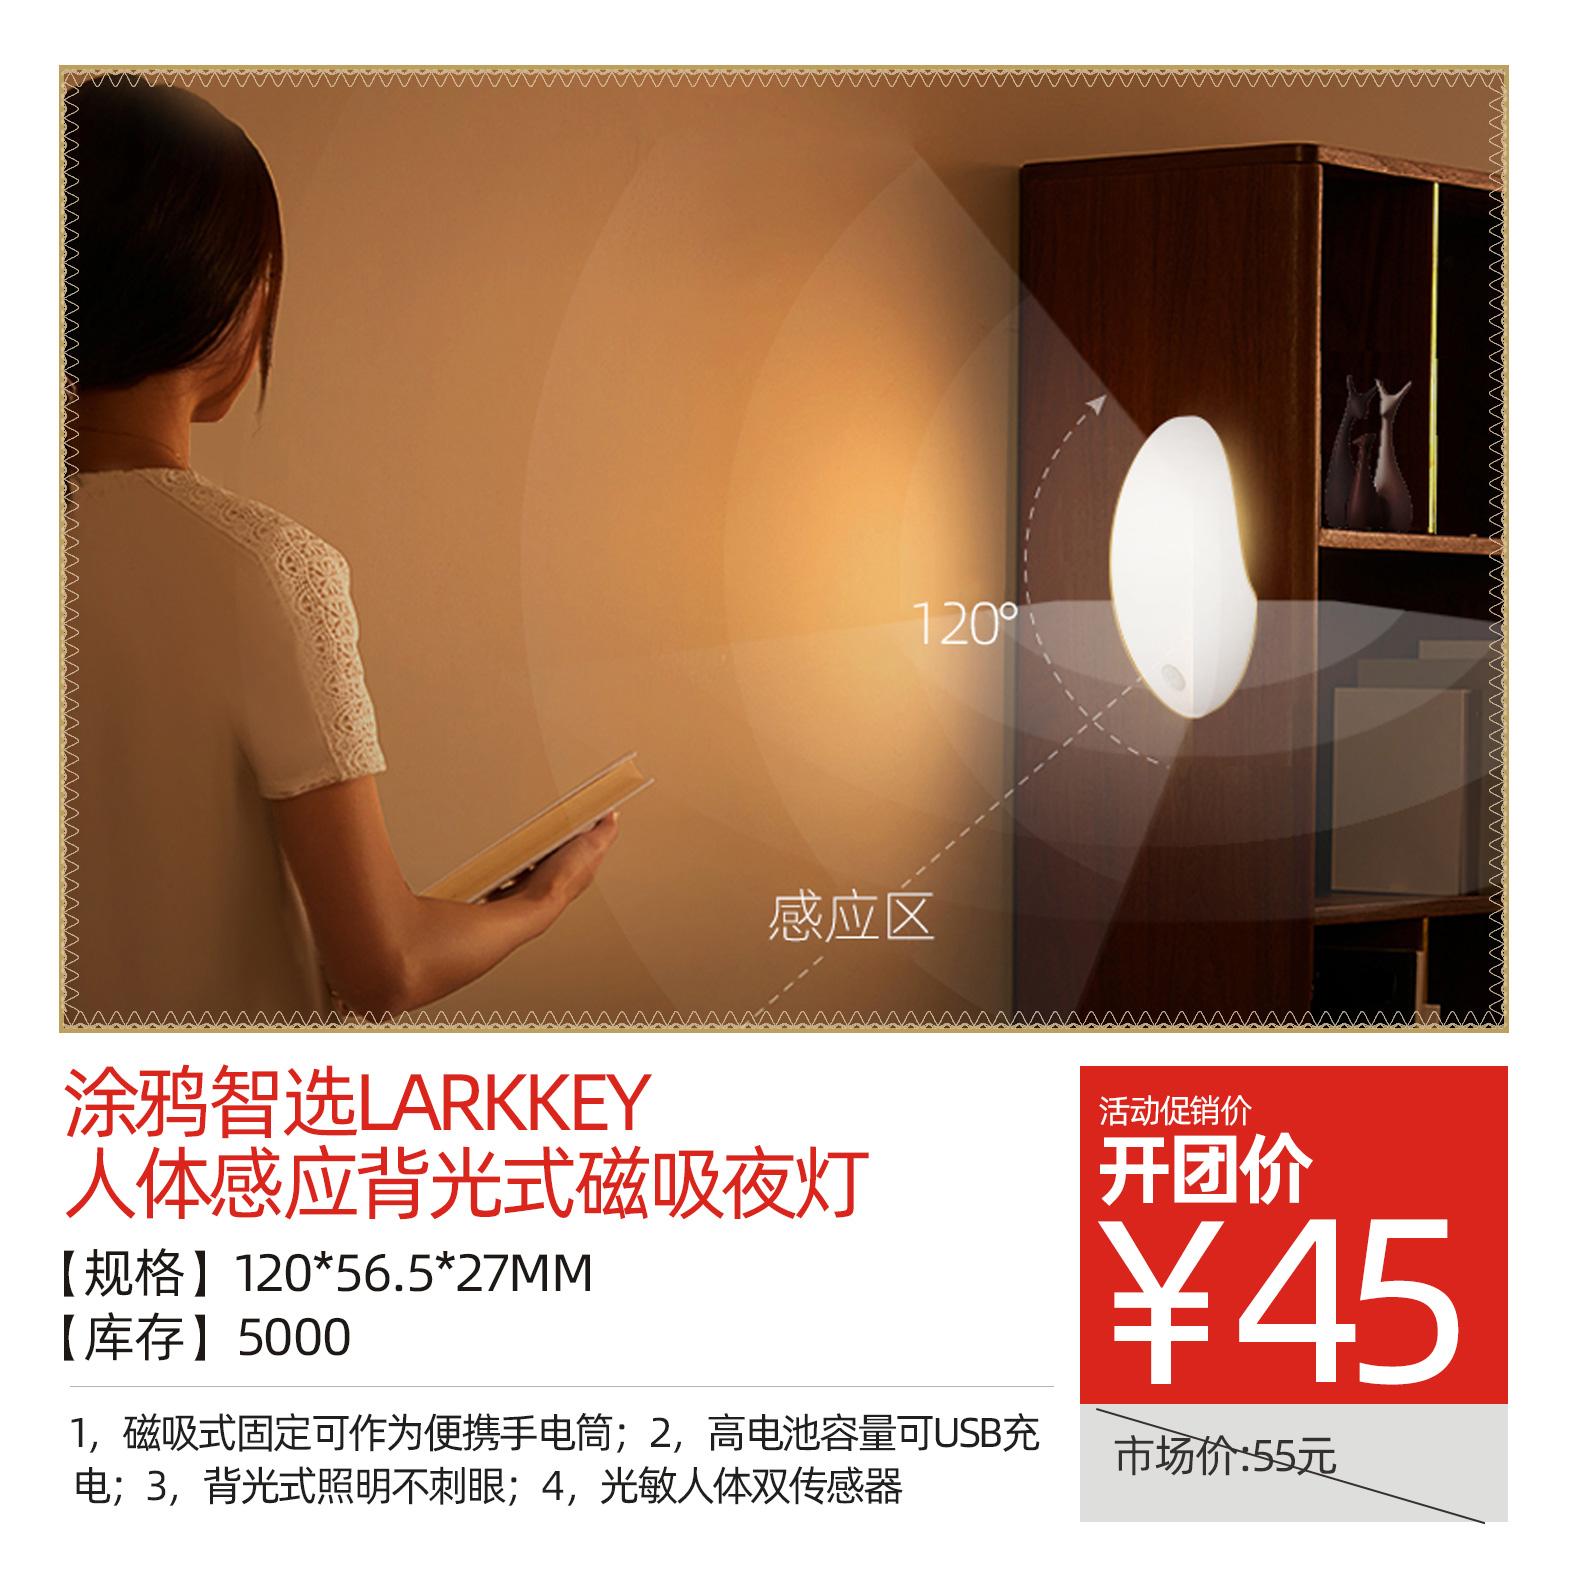 涂鸦智选LARKKEY-人体感应背光式磁吸夜灯